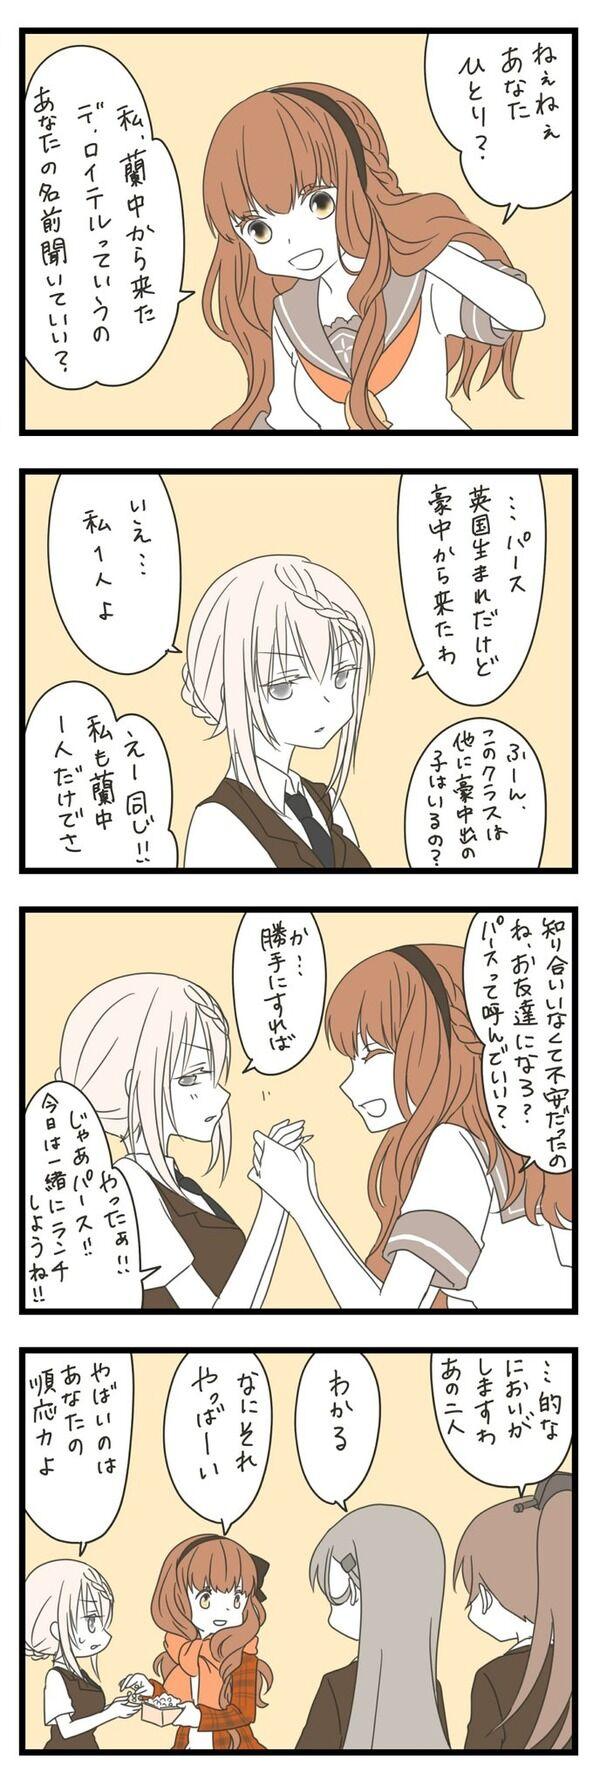 【艦これ】女子校ノリ的なニオイを感じる二人 他なごみネタ